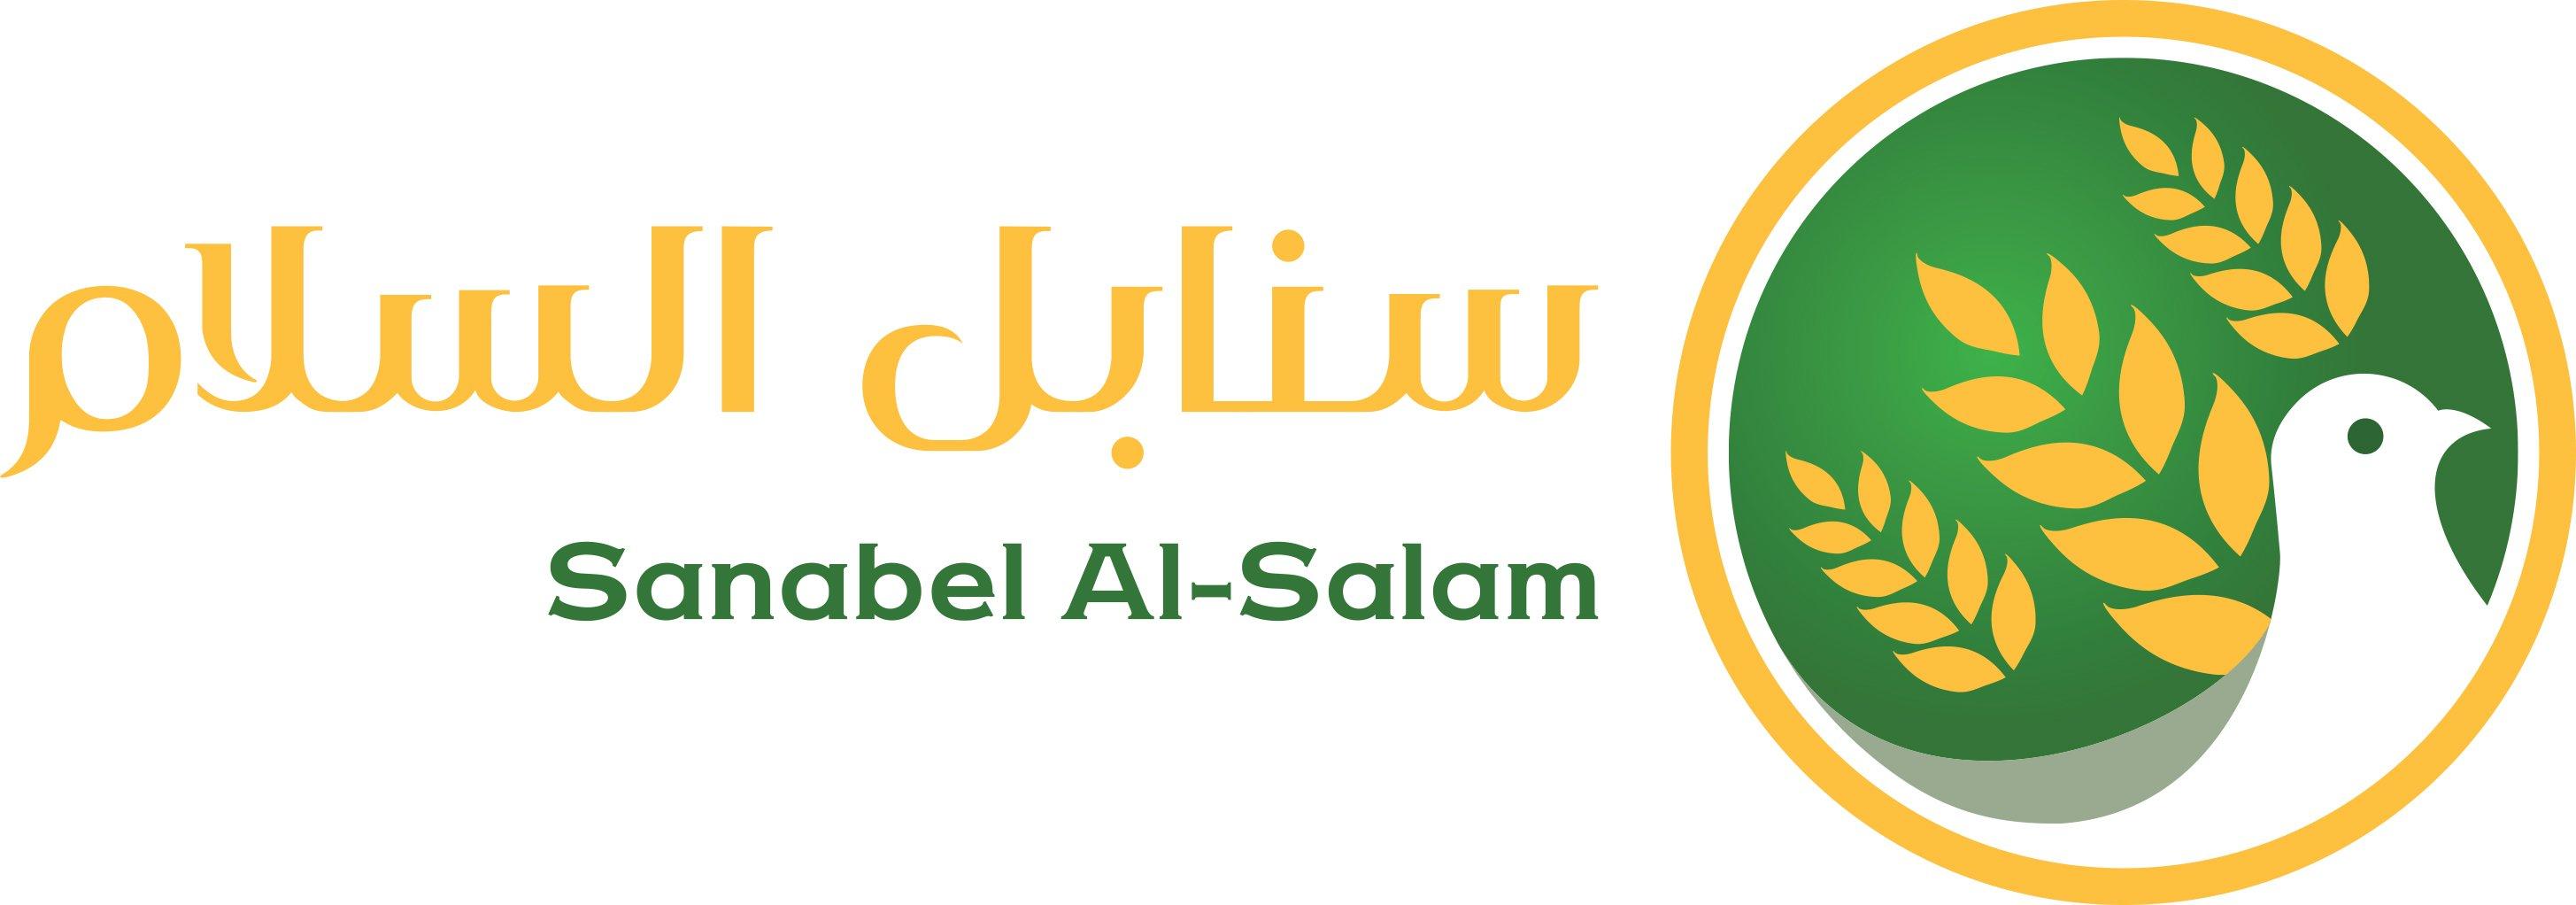 Sanabel Al-Salam